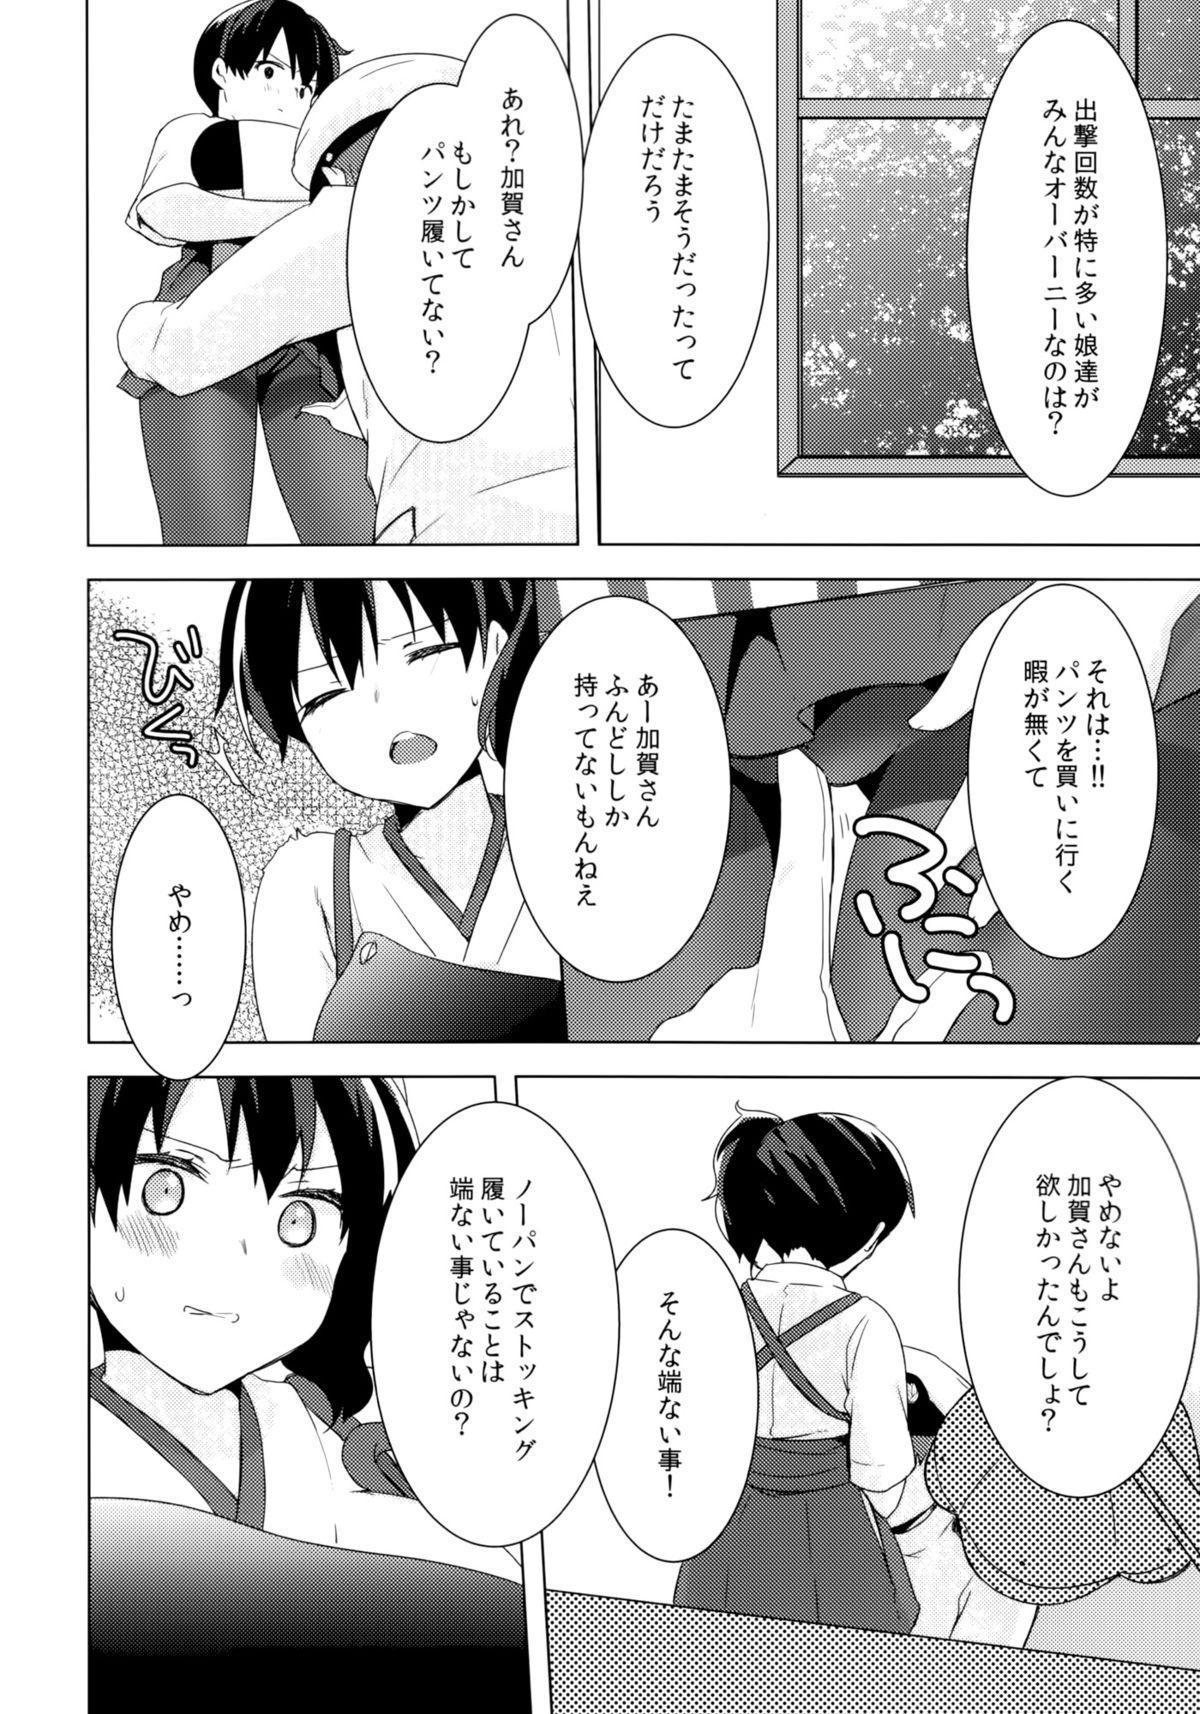 Teitoku no Goshumi 10